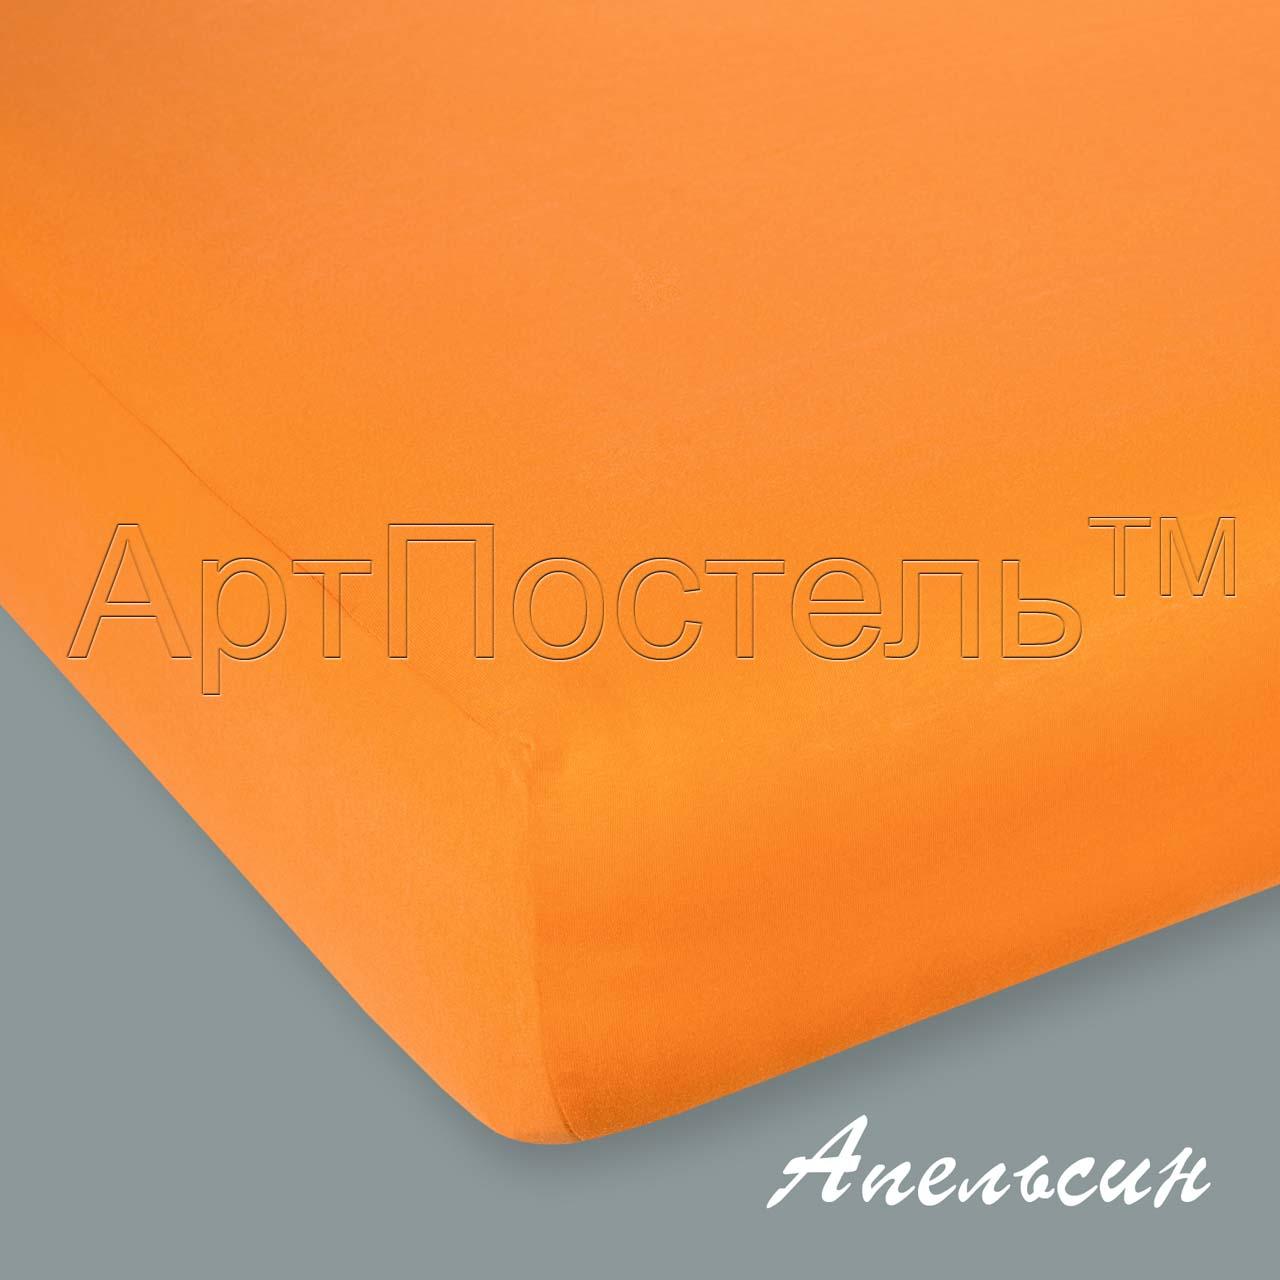 Простыня на резинке Апельсин, размер 60х120 смПростыни<br>Плотность ткани:145 г/кв. м<br>Высота матраса:10 см<br><br>Тип: Простыня<br>Размер: 60х120<br>Материал: Кулирка